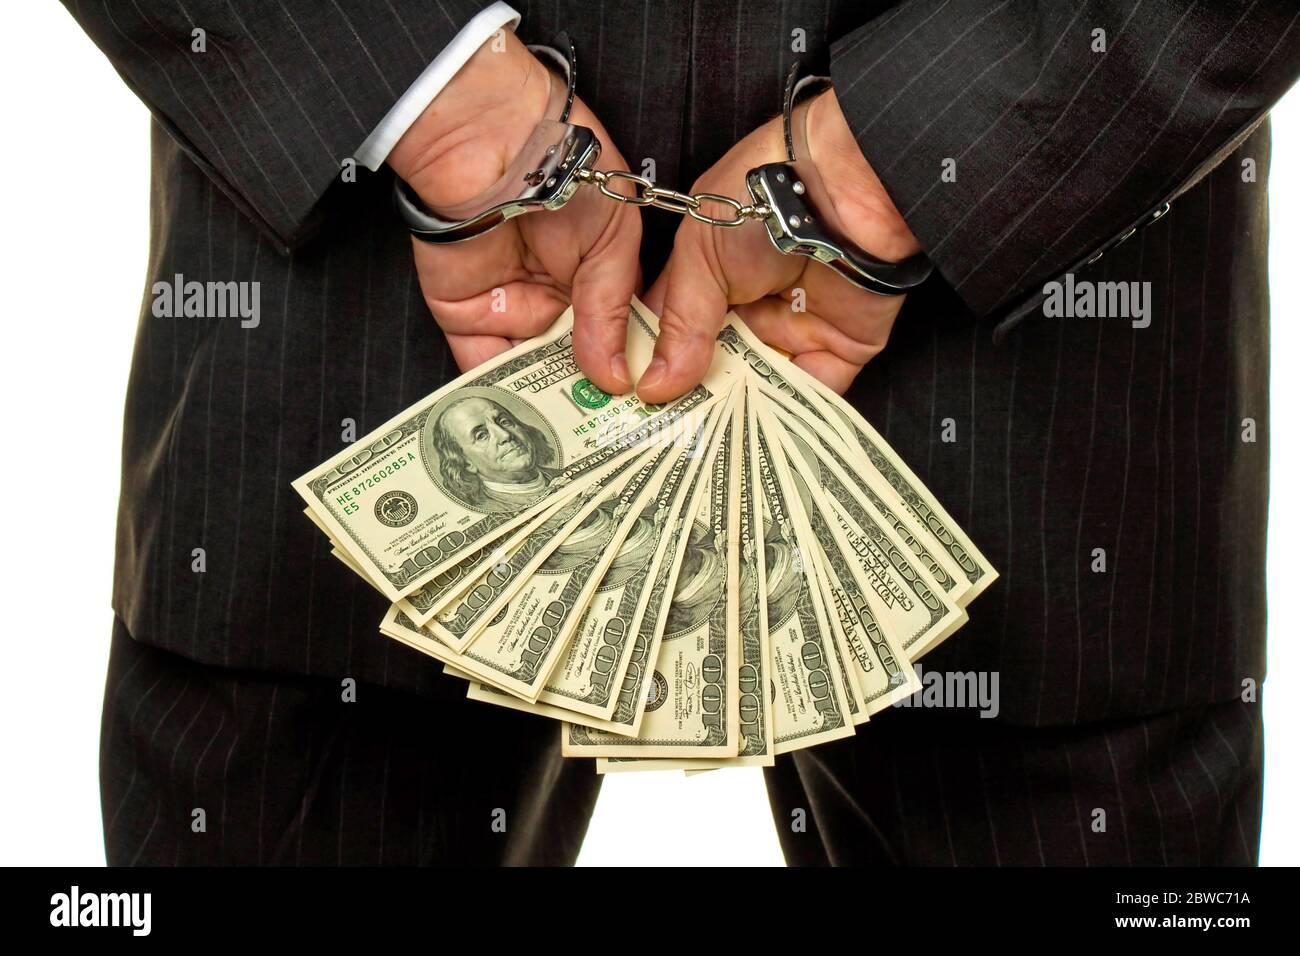 Manager mit Dollar Geldscheinen in der Hand, Handschellen, verhaftet, Schwarzgeld, Foto de stock